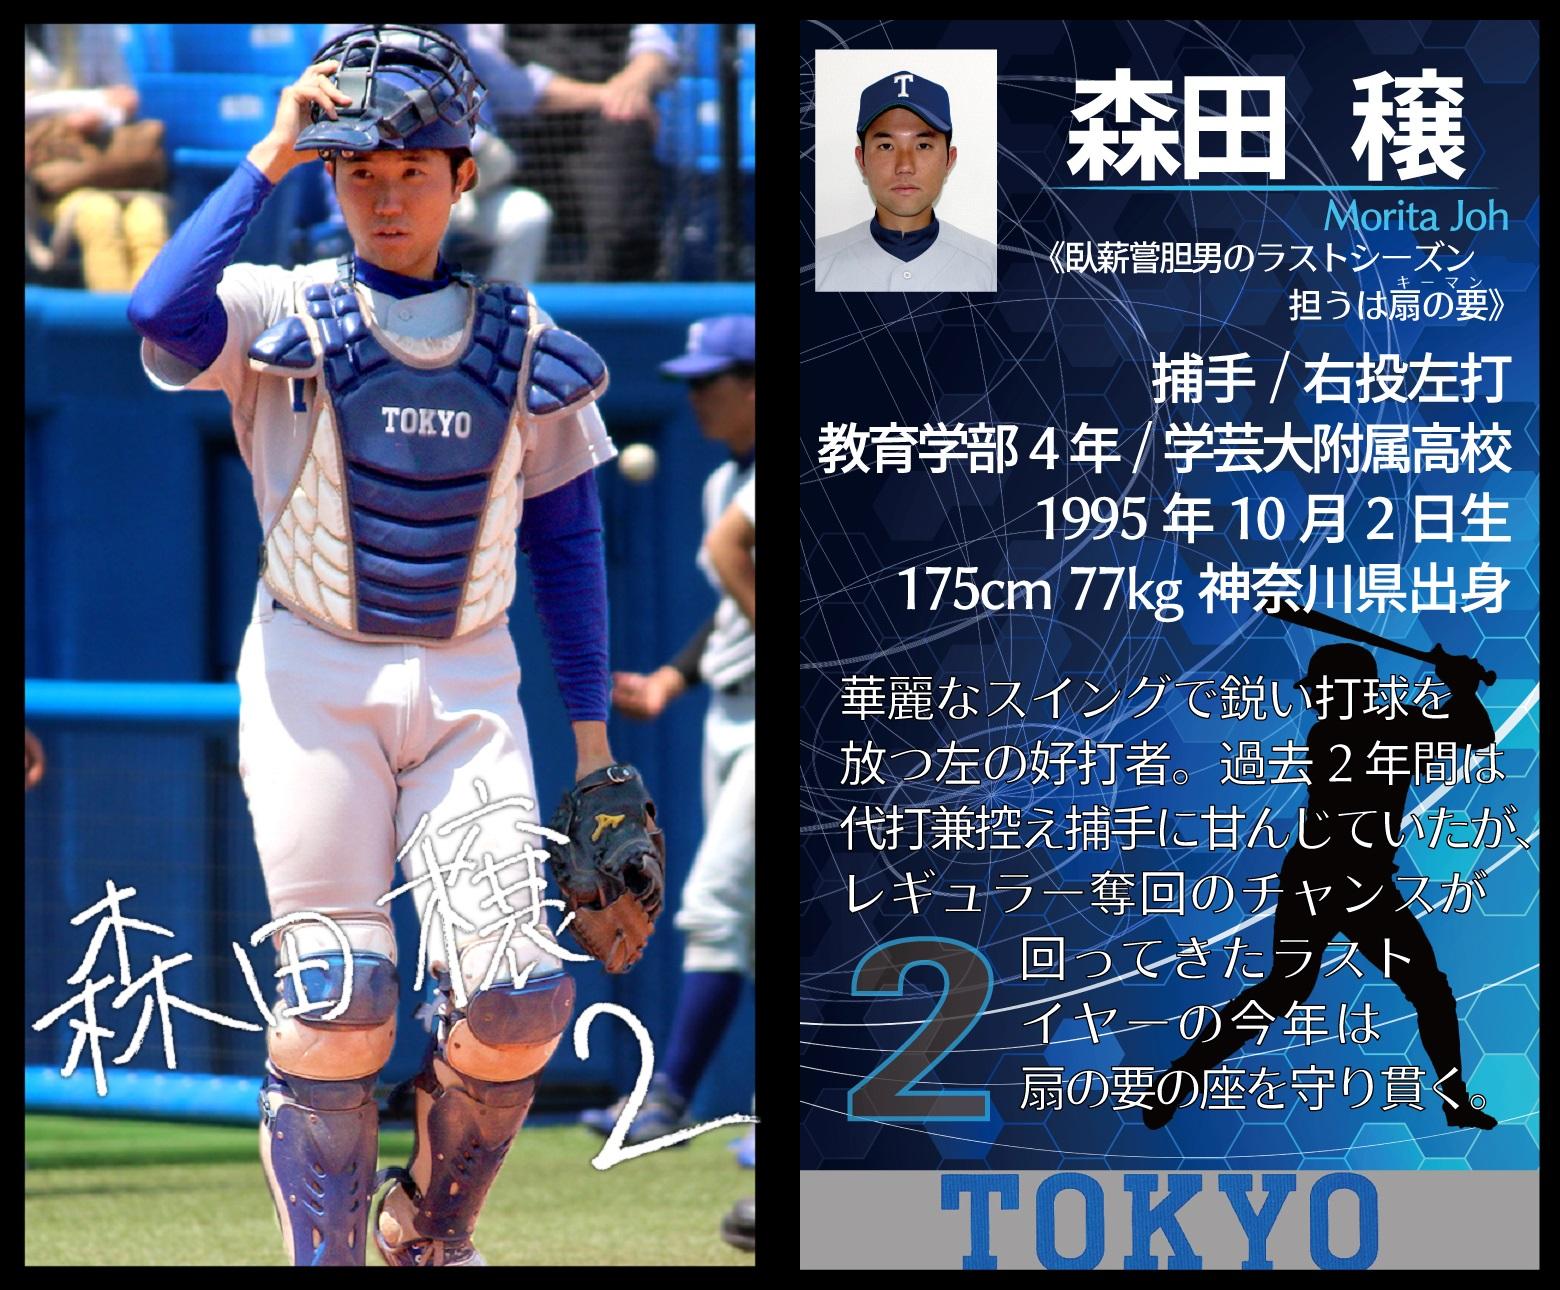 野球部02森田ブロマイド